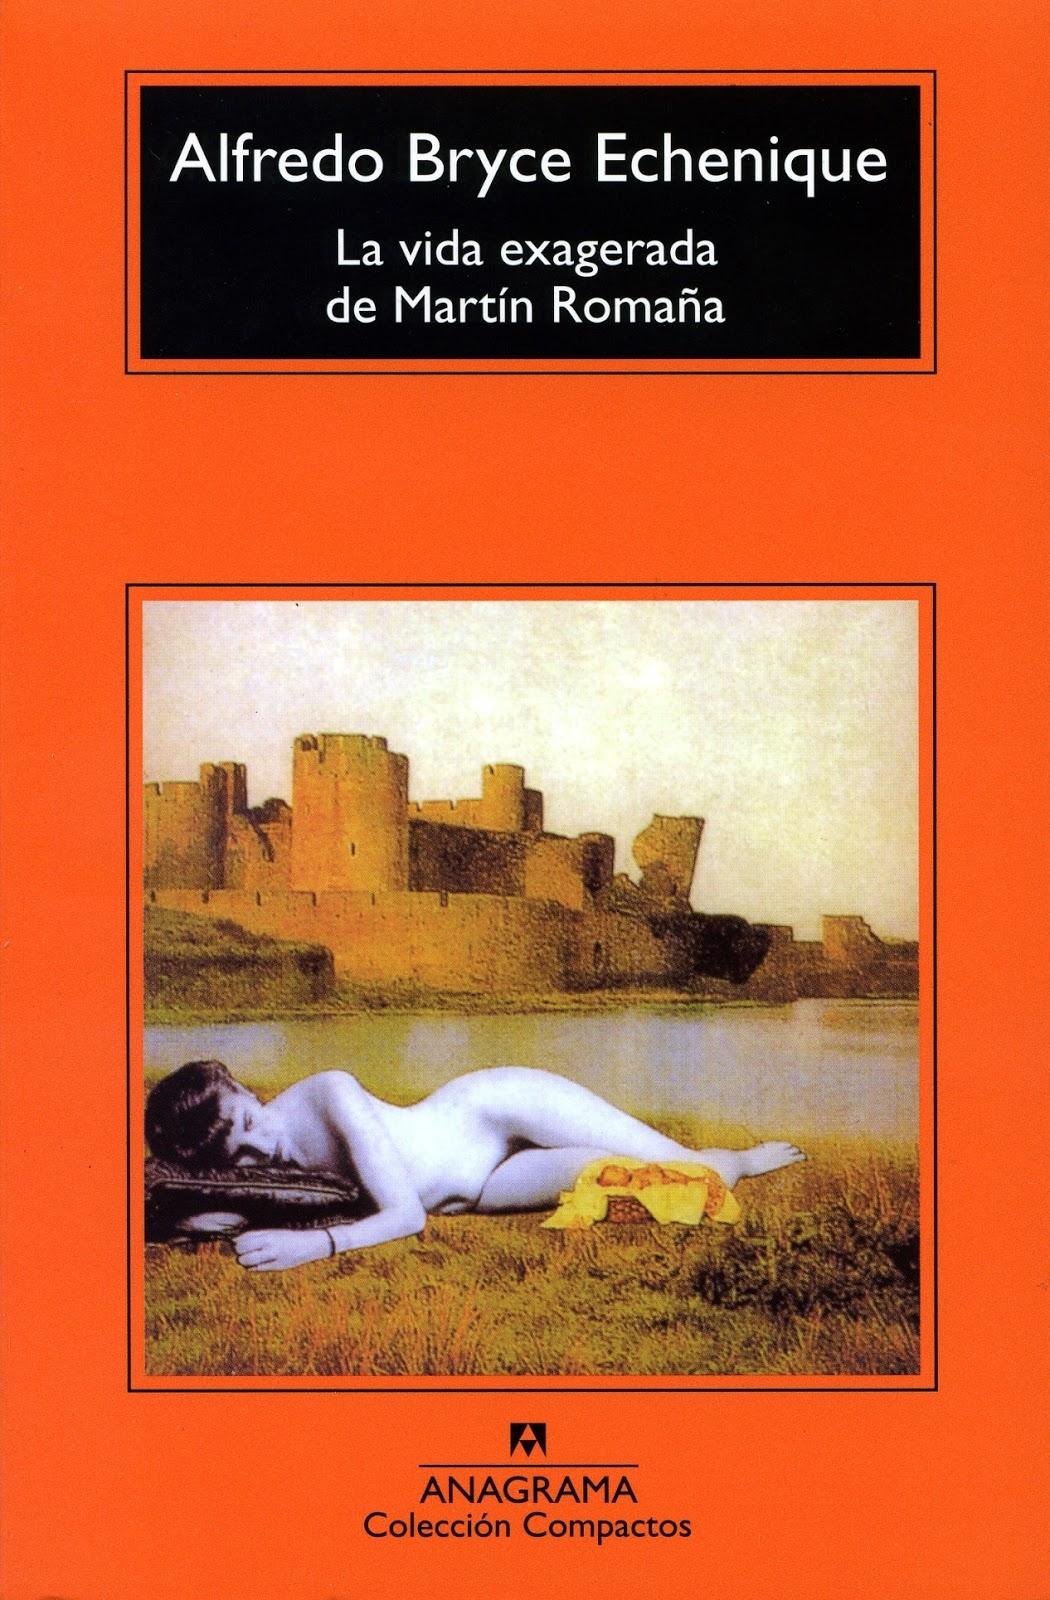 La exagerada vida de Martín Romaña